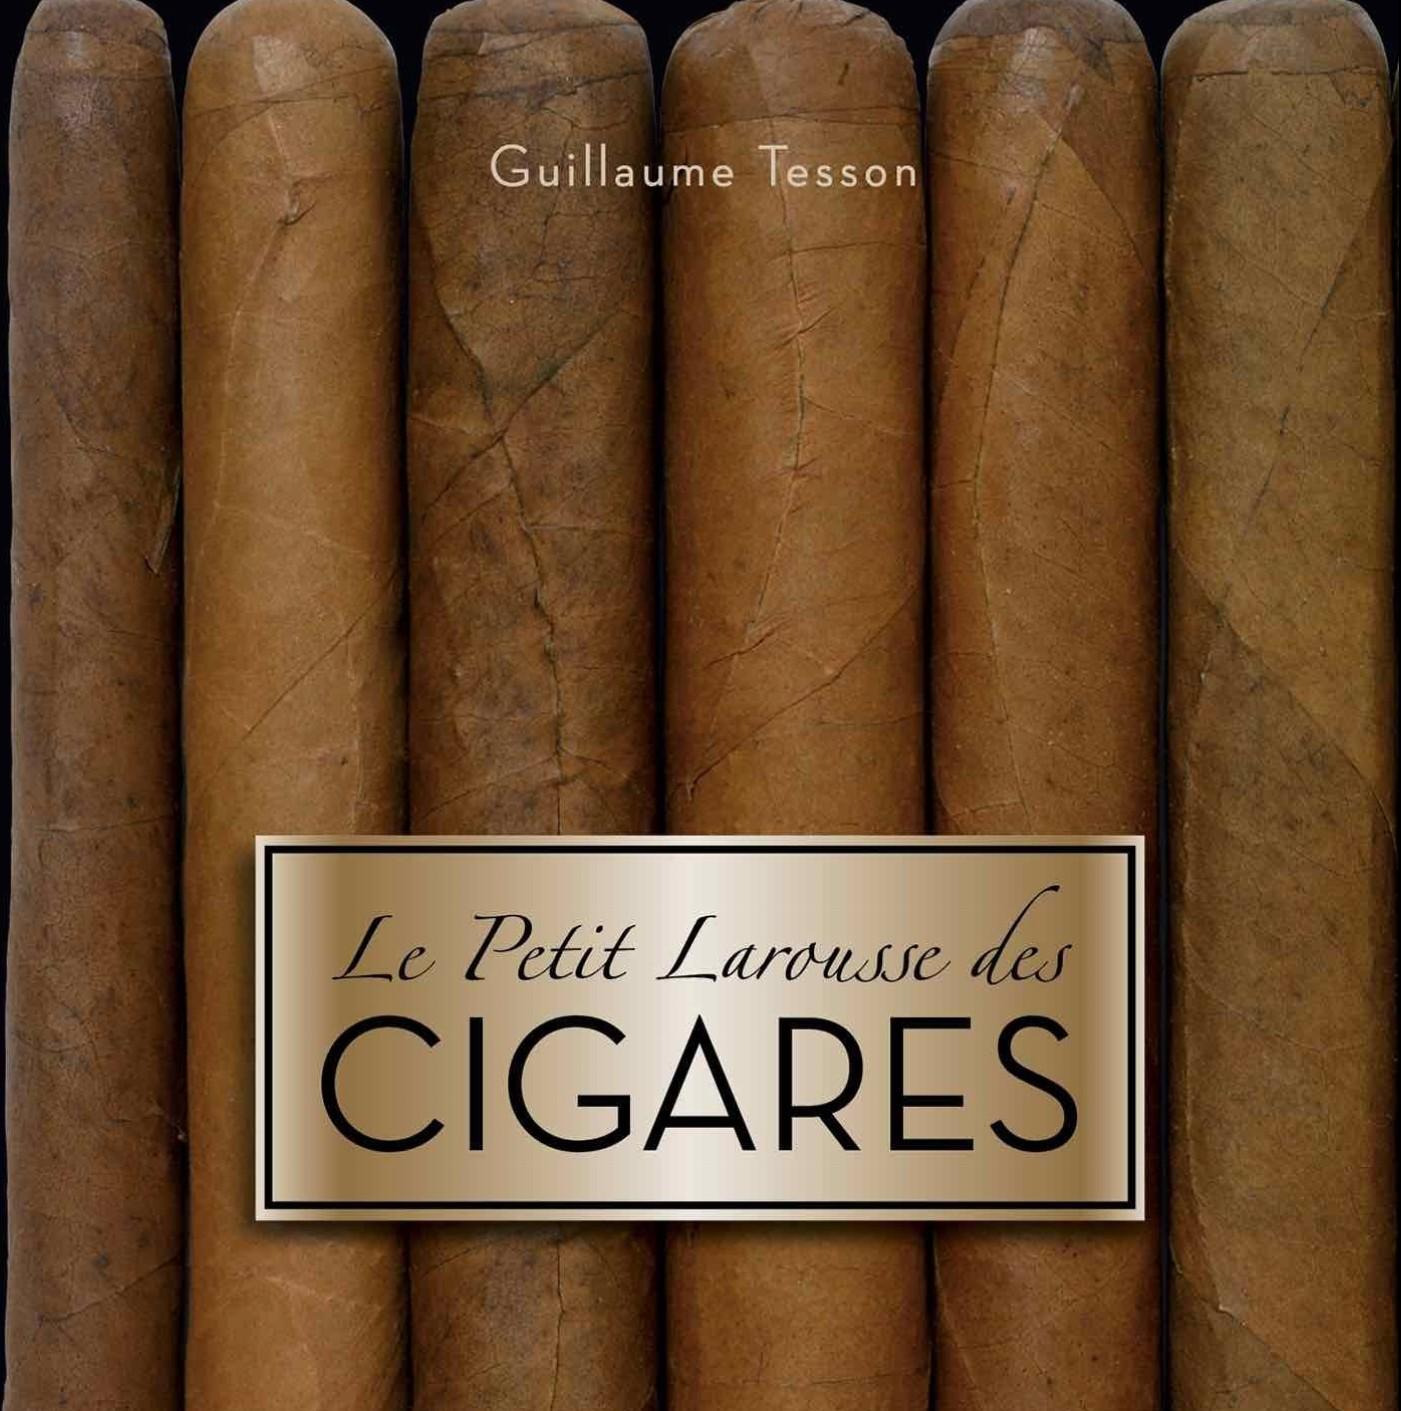 10-idées-cadeaux-pour-les-amateurs-de-cigares-le-petit-Larousse-des-cigares-01